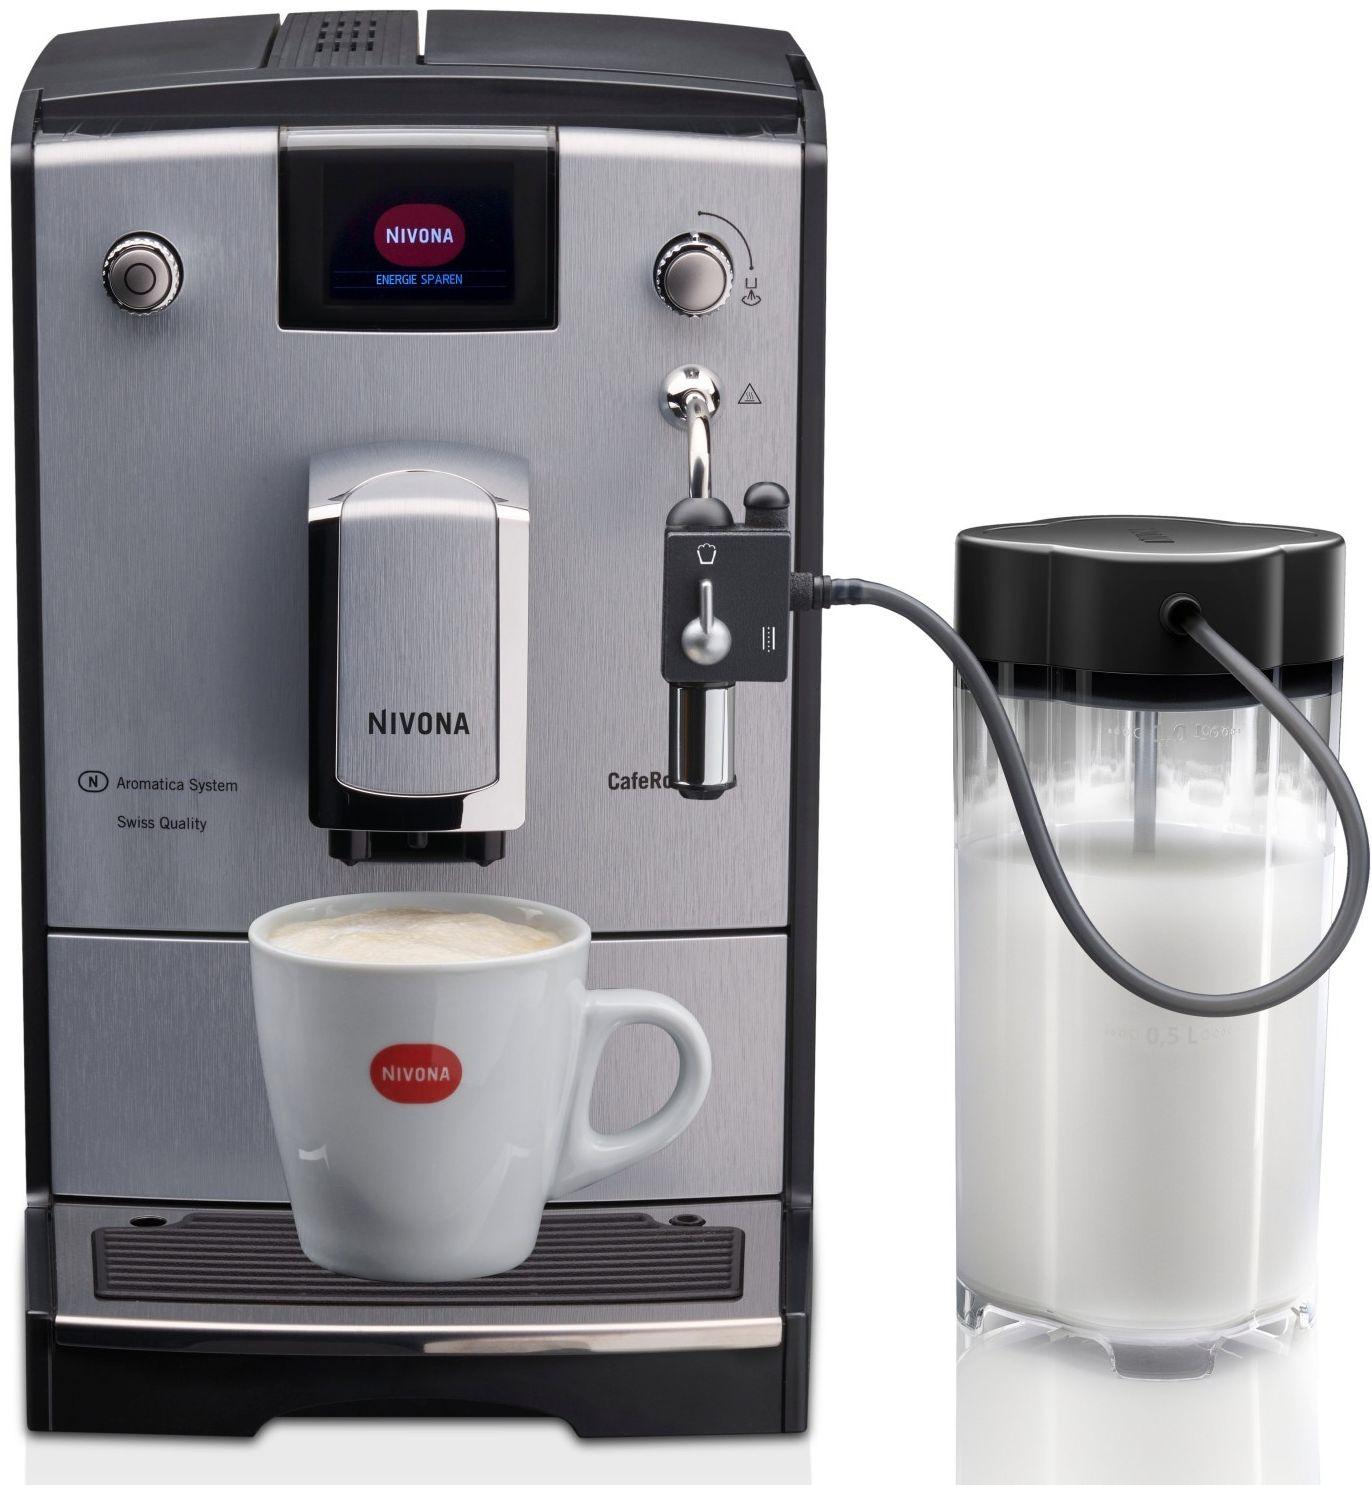 Ekspres Nivona 670 Cafe Romatica - Raty 10 x 0% I Kto pyta płaci mniej I dzwoń tel. 22 266 82 20 !